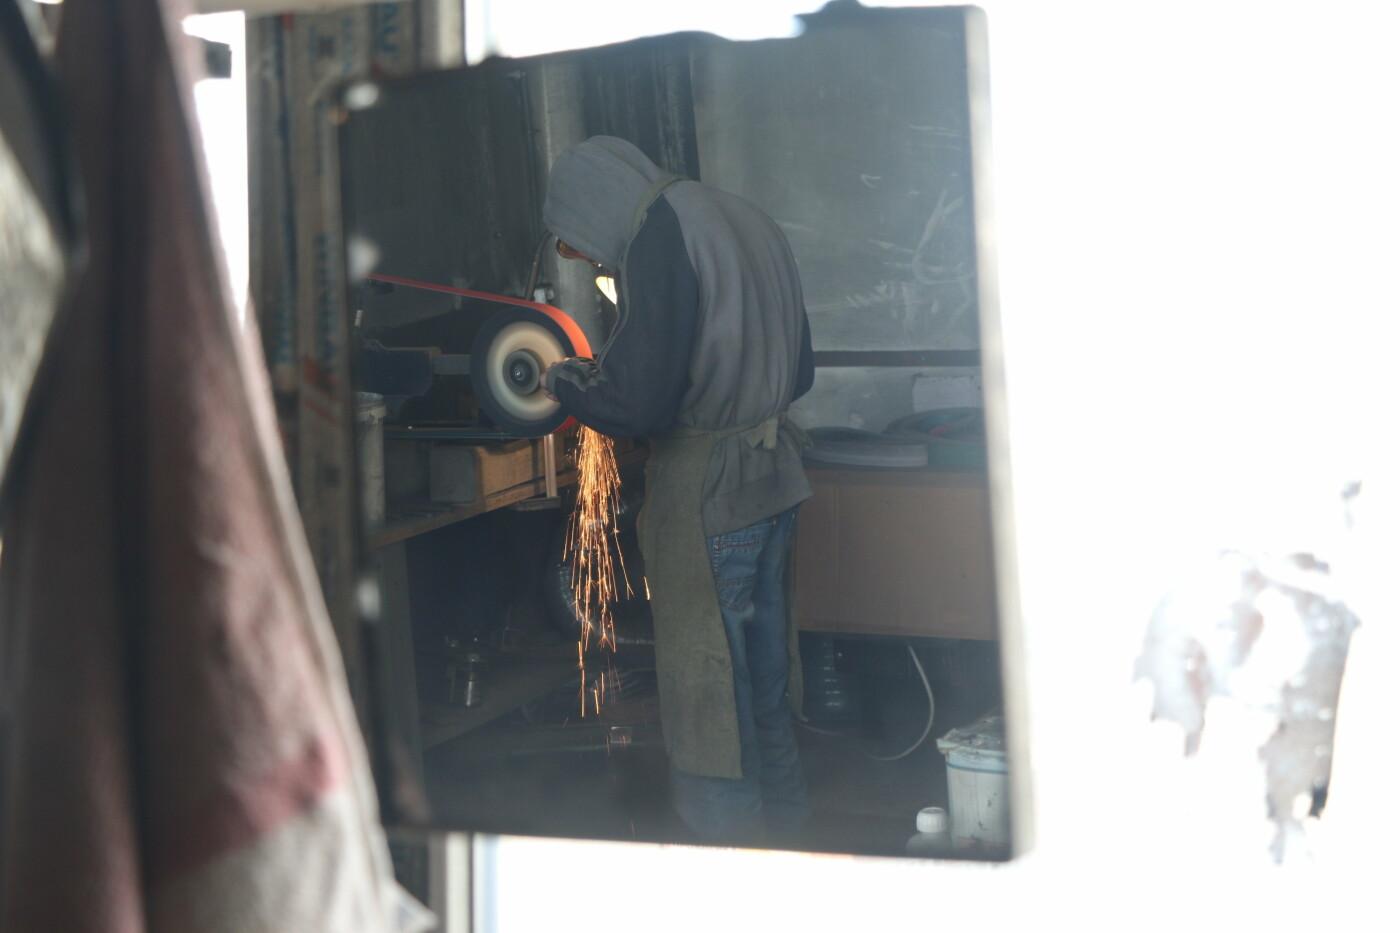 От тяжелого ранения в АТО до успешного бизнеса. История харьковчанина, производящего уникальные ножи, - ФОТО, фото-9